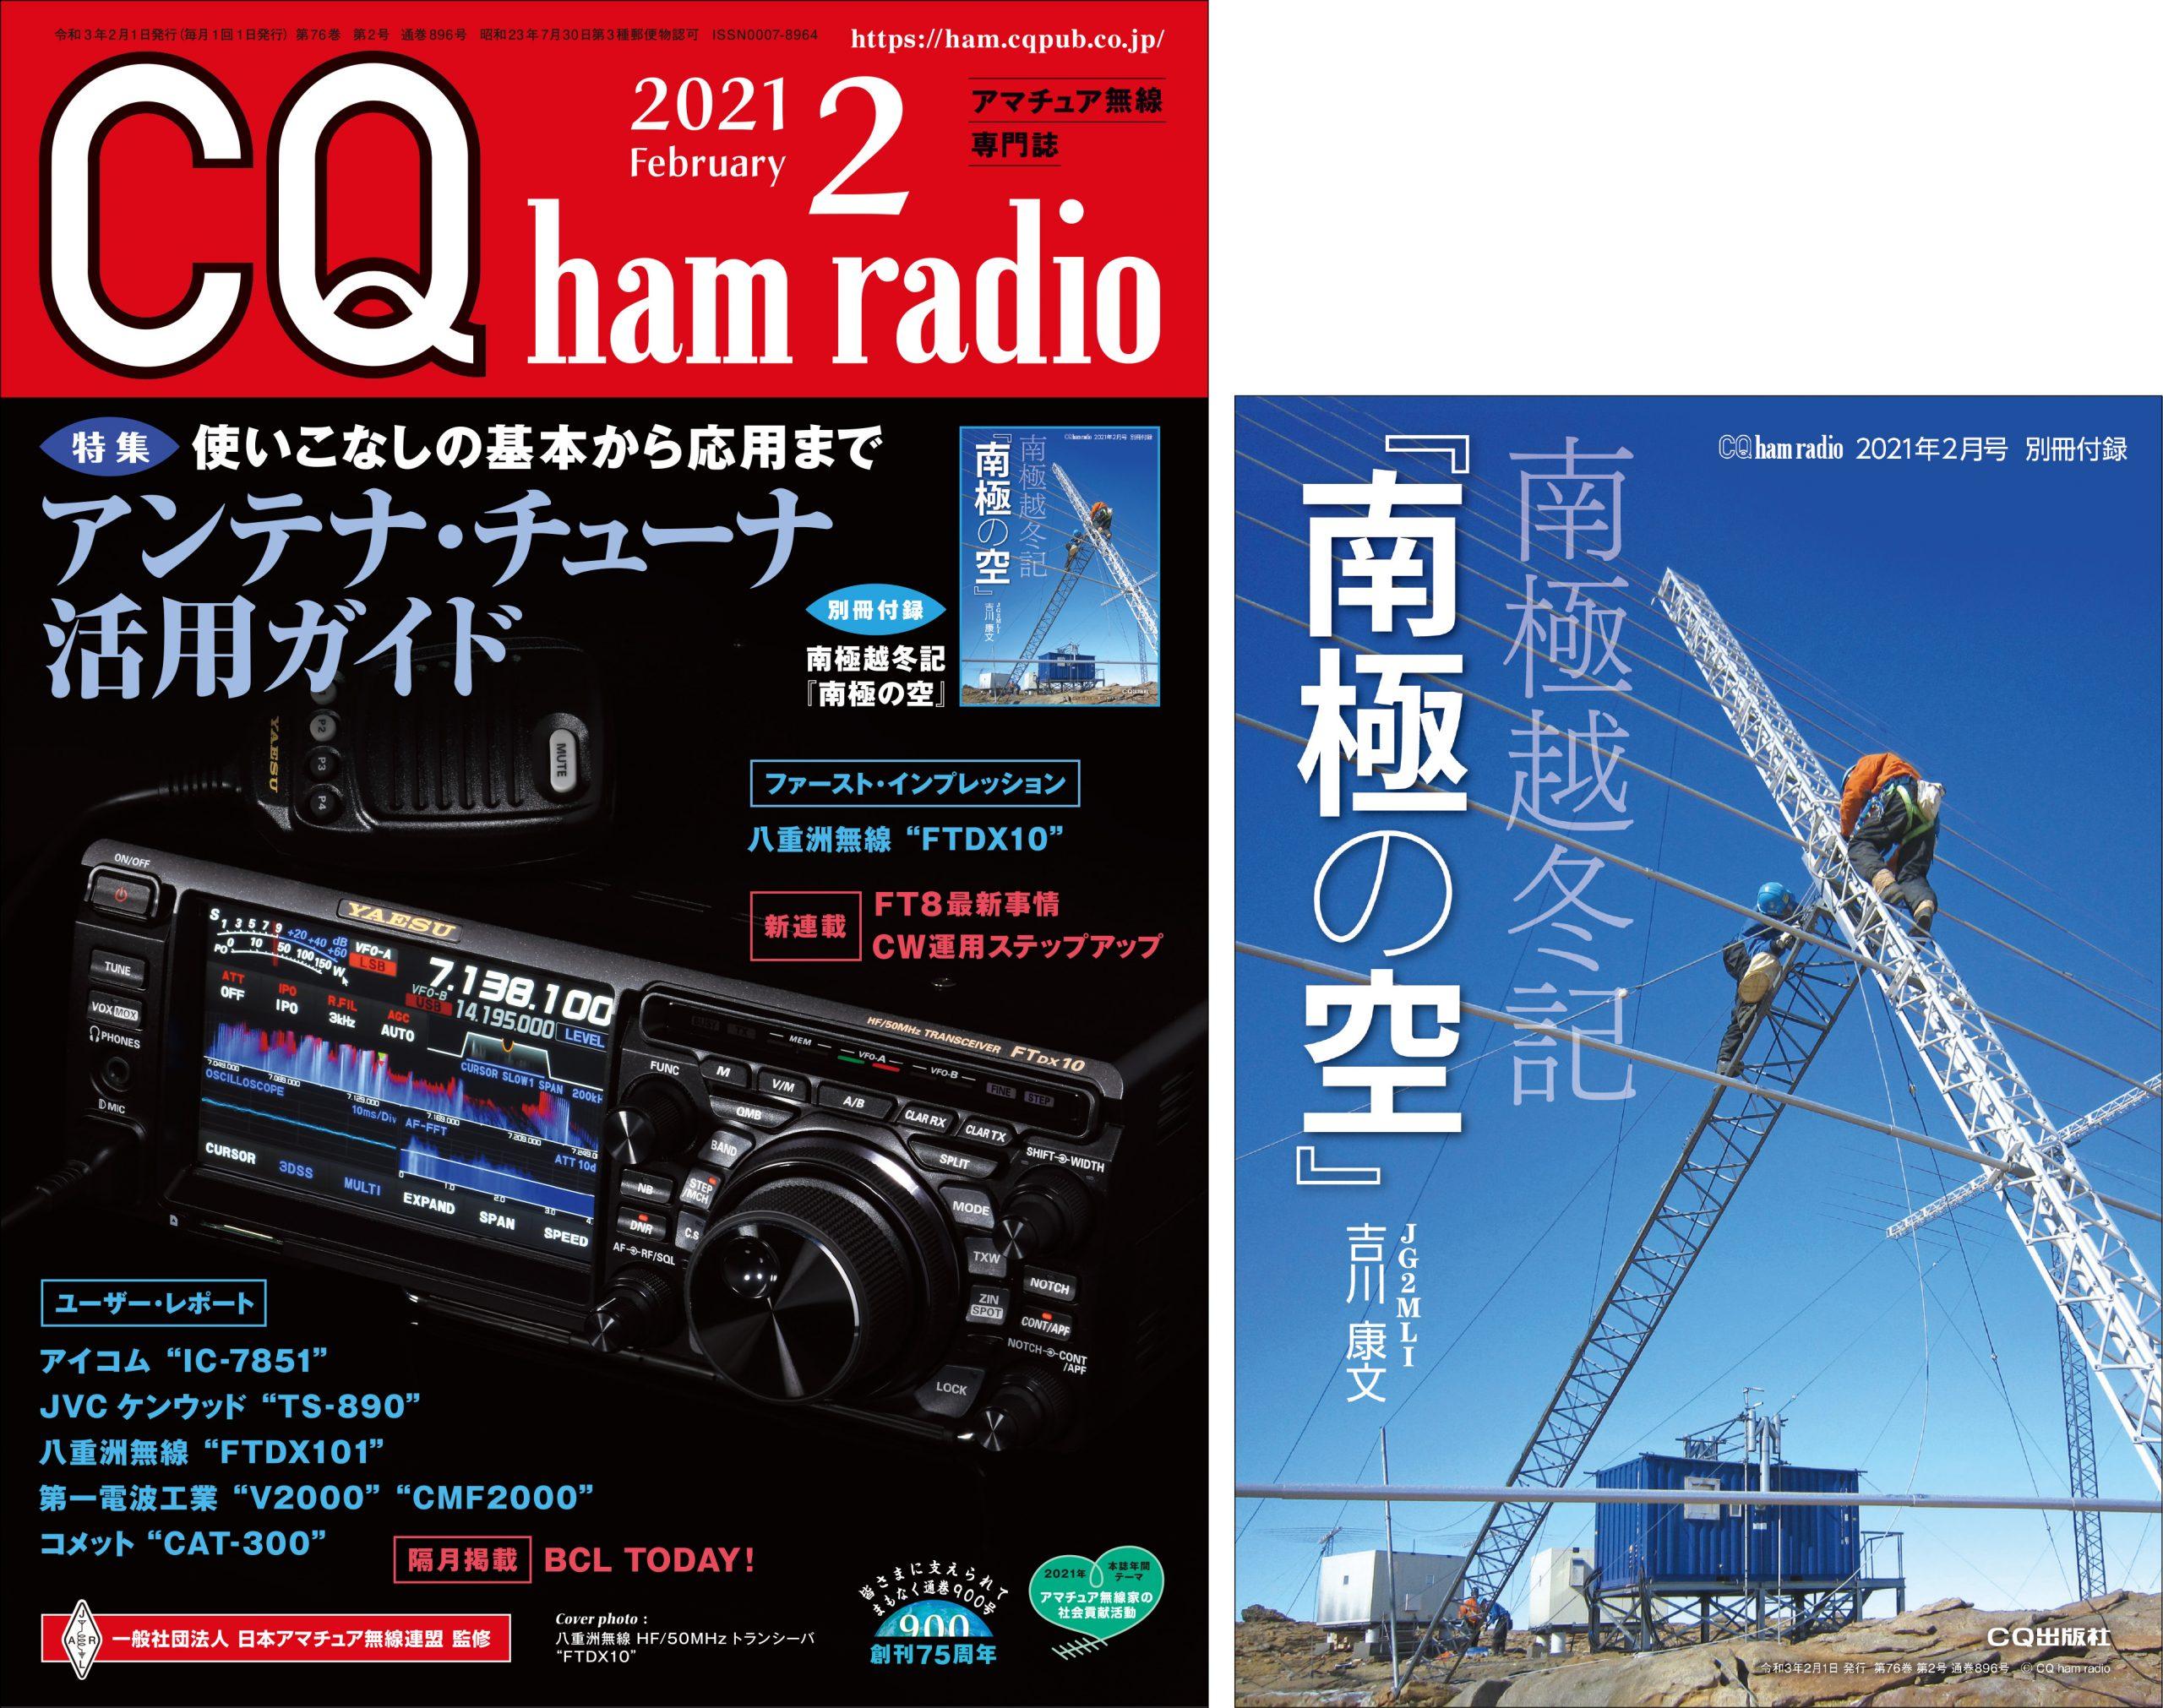 CQ ham radio 2021年 2月号